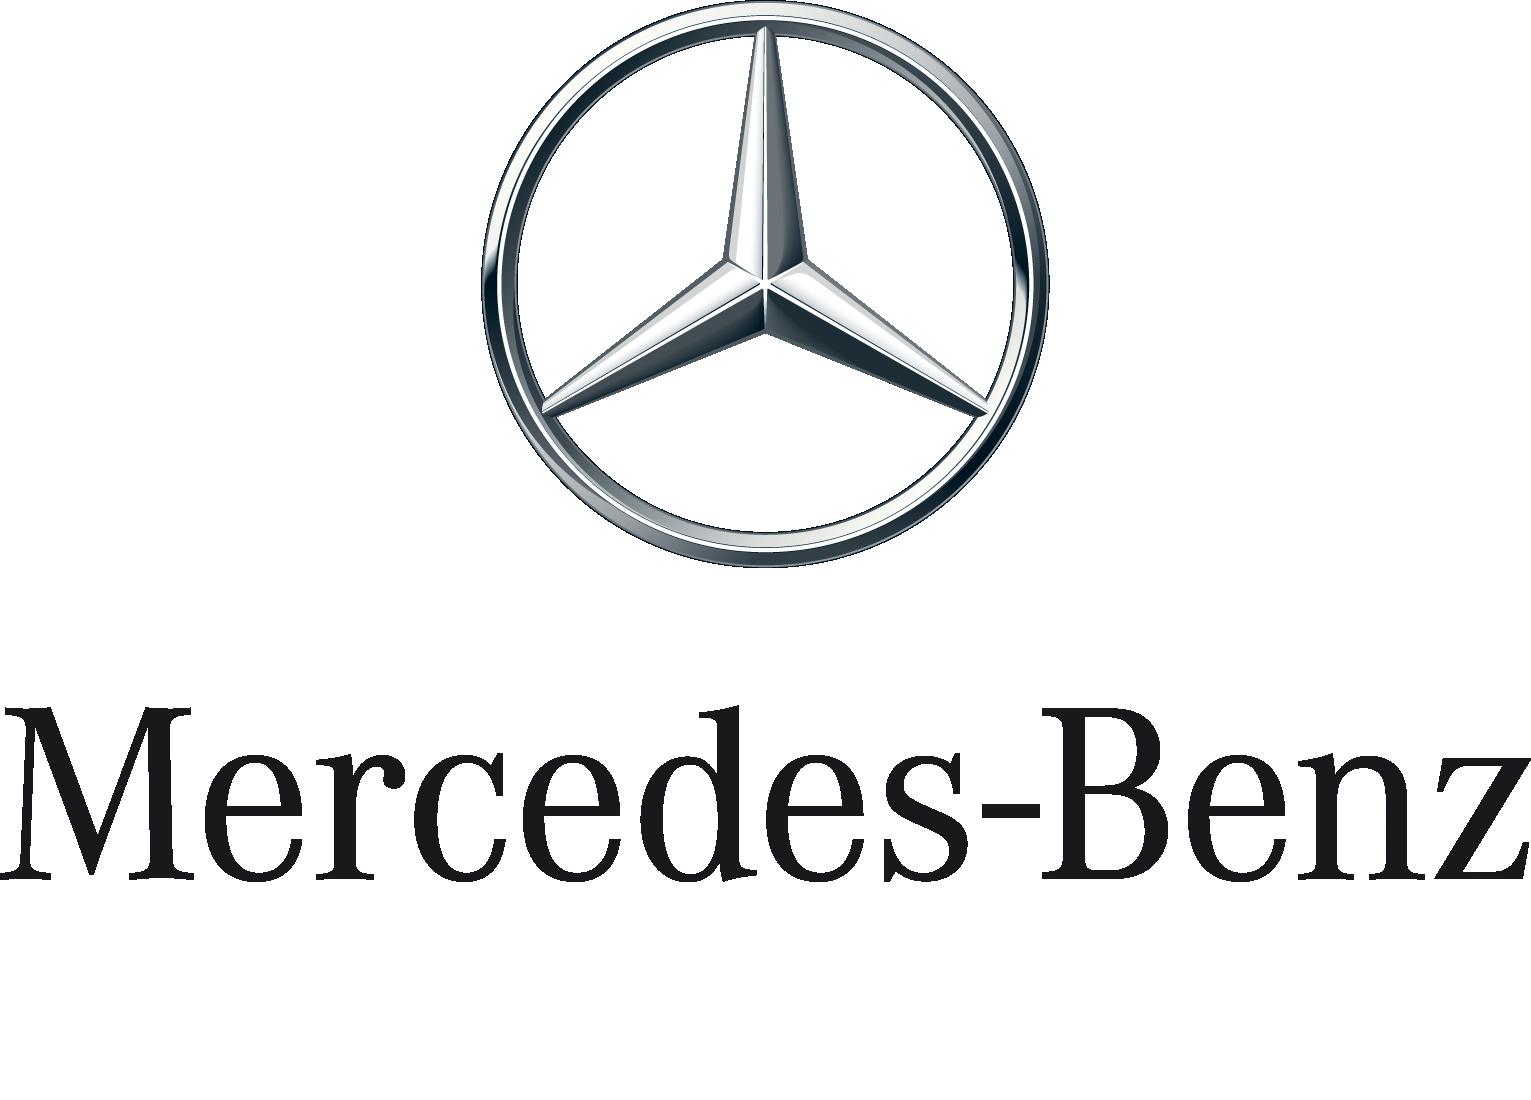 Mercedes-Benz Hy-Justice.fr huissiers à Versailles et constat en ligne